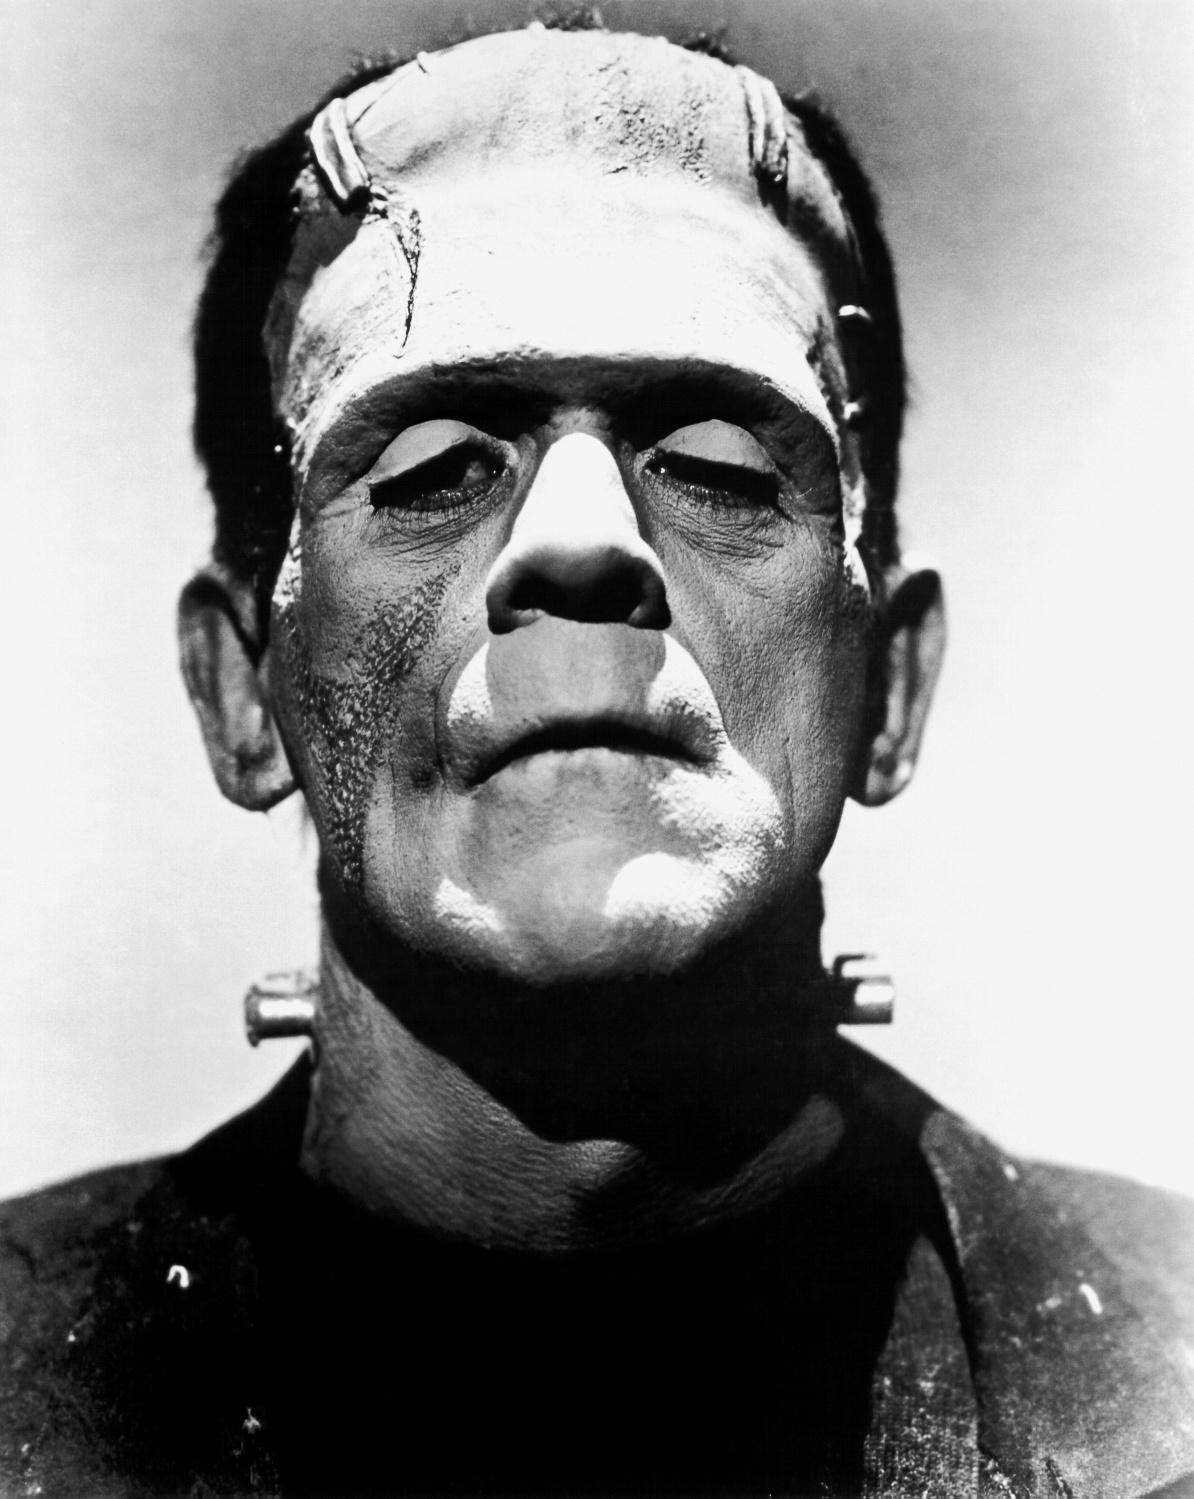 Mary Shelley: Frankenstein, avagy a modern Prométheusz (1818)